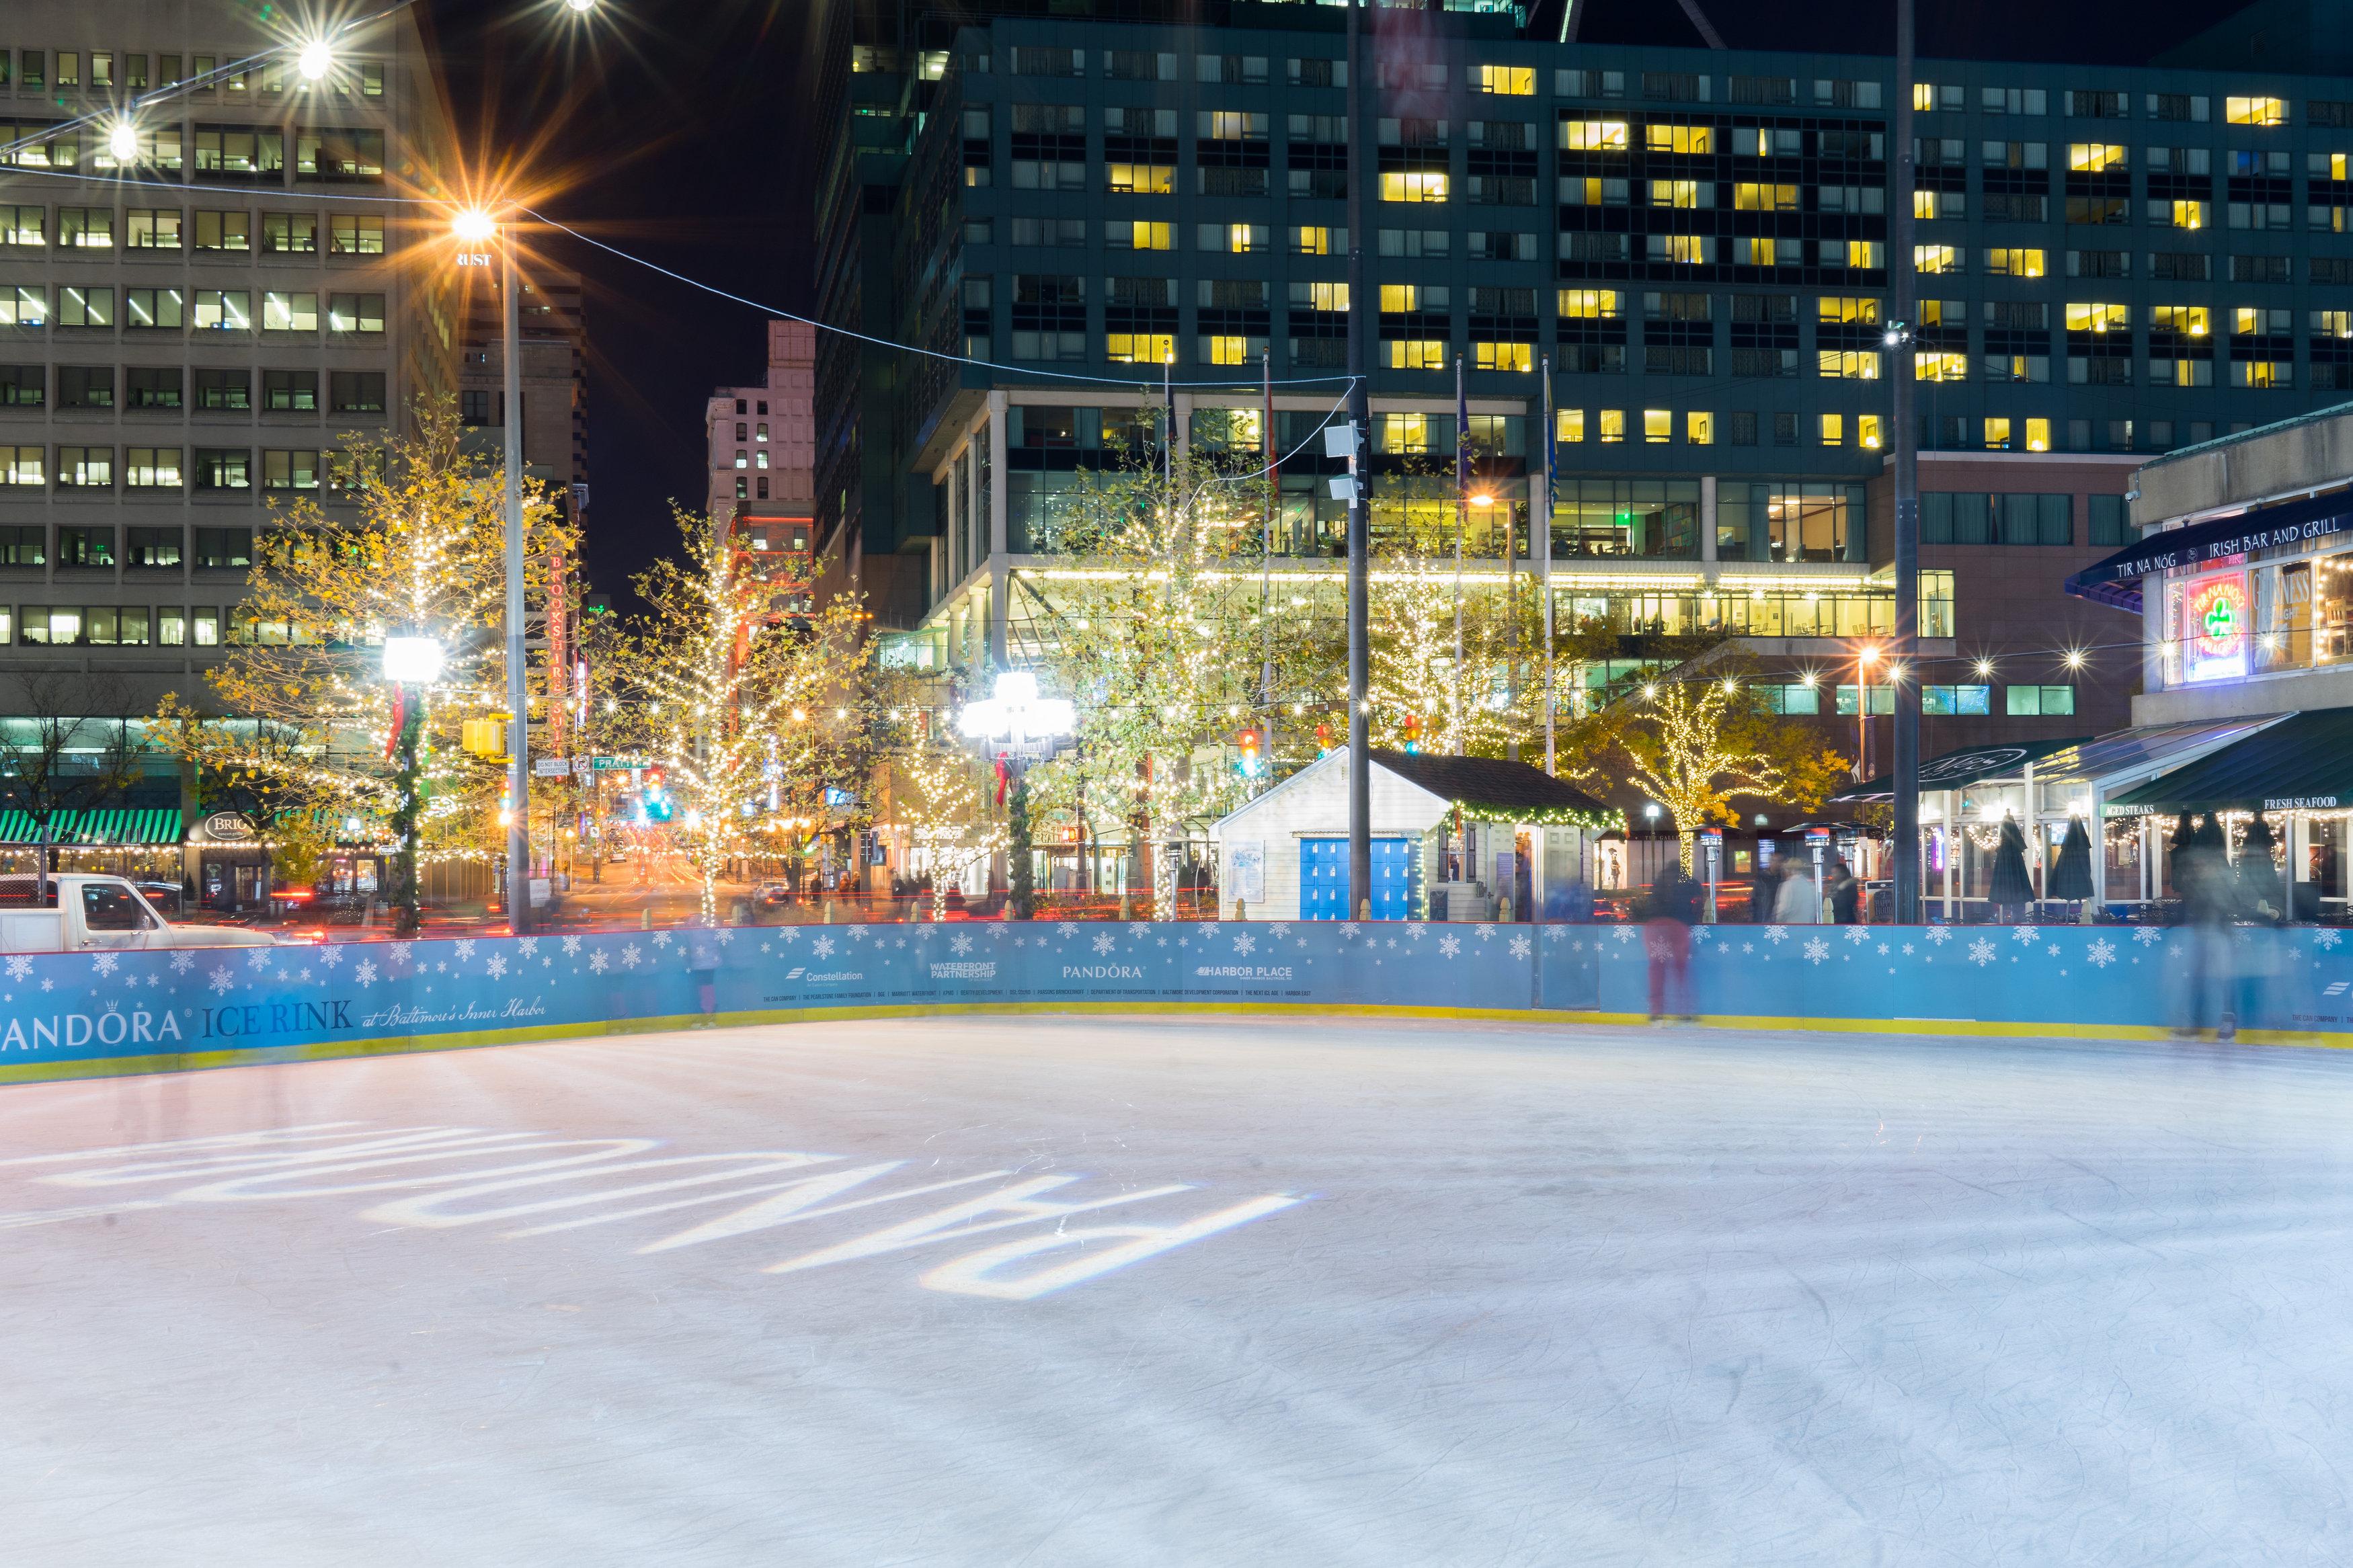 PANDORA Ice Rink | Baltimore Waterfront